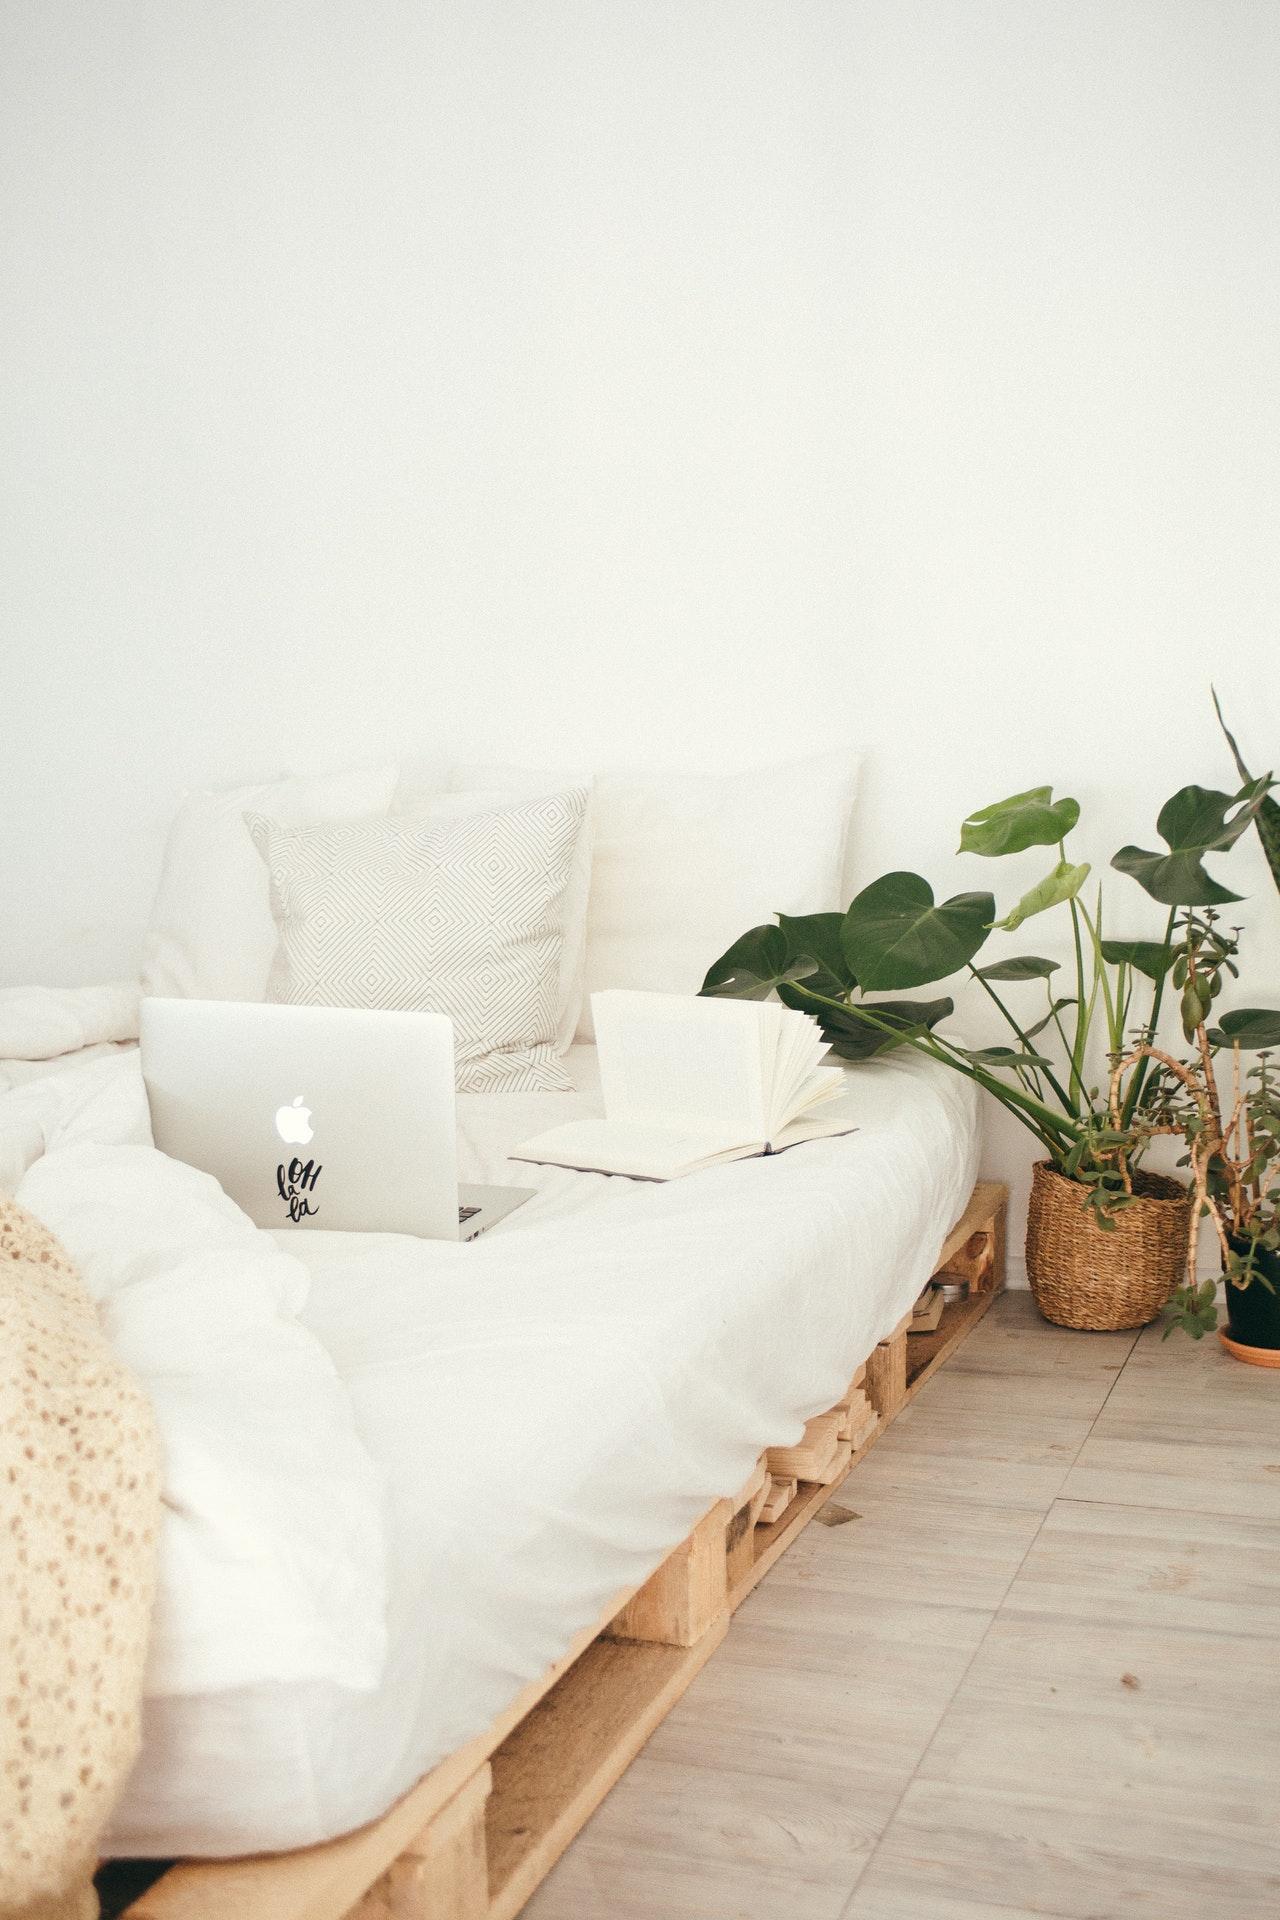 Futonbetten kann man auch selbst bauen. Zum Beispiel mit alten Paletten.